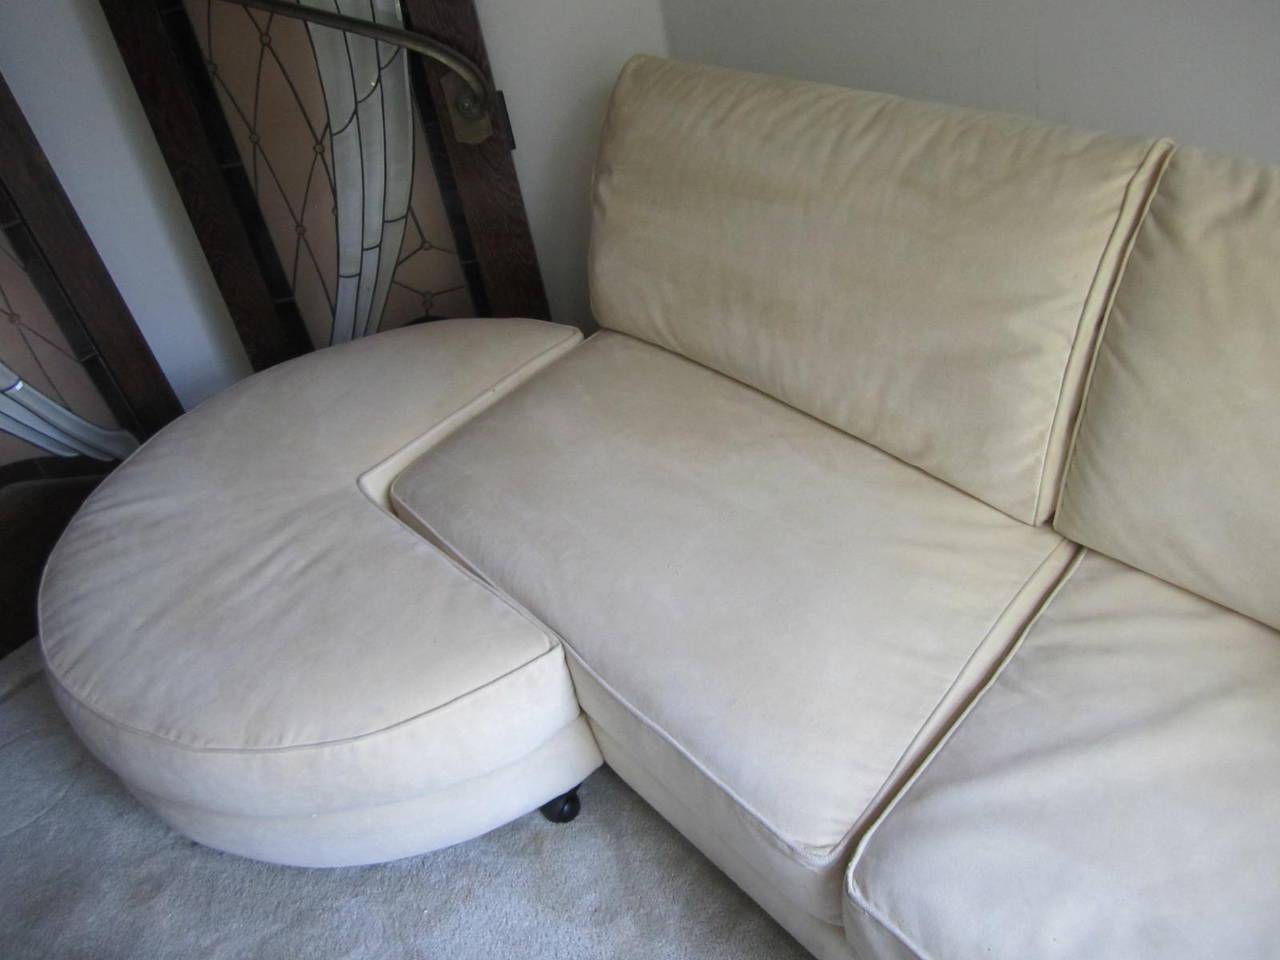 Stunning italian arketipo roche bobois two piece sofa mid for Roche bobois italia